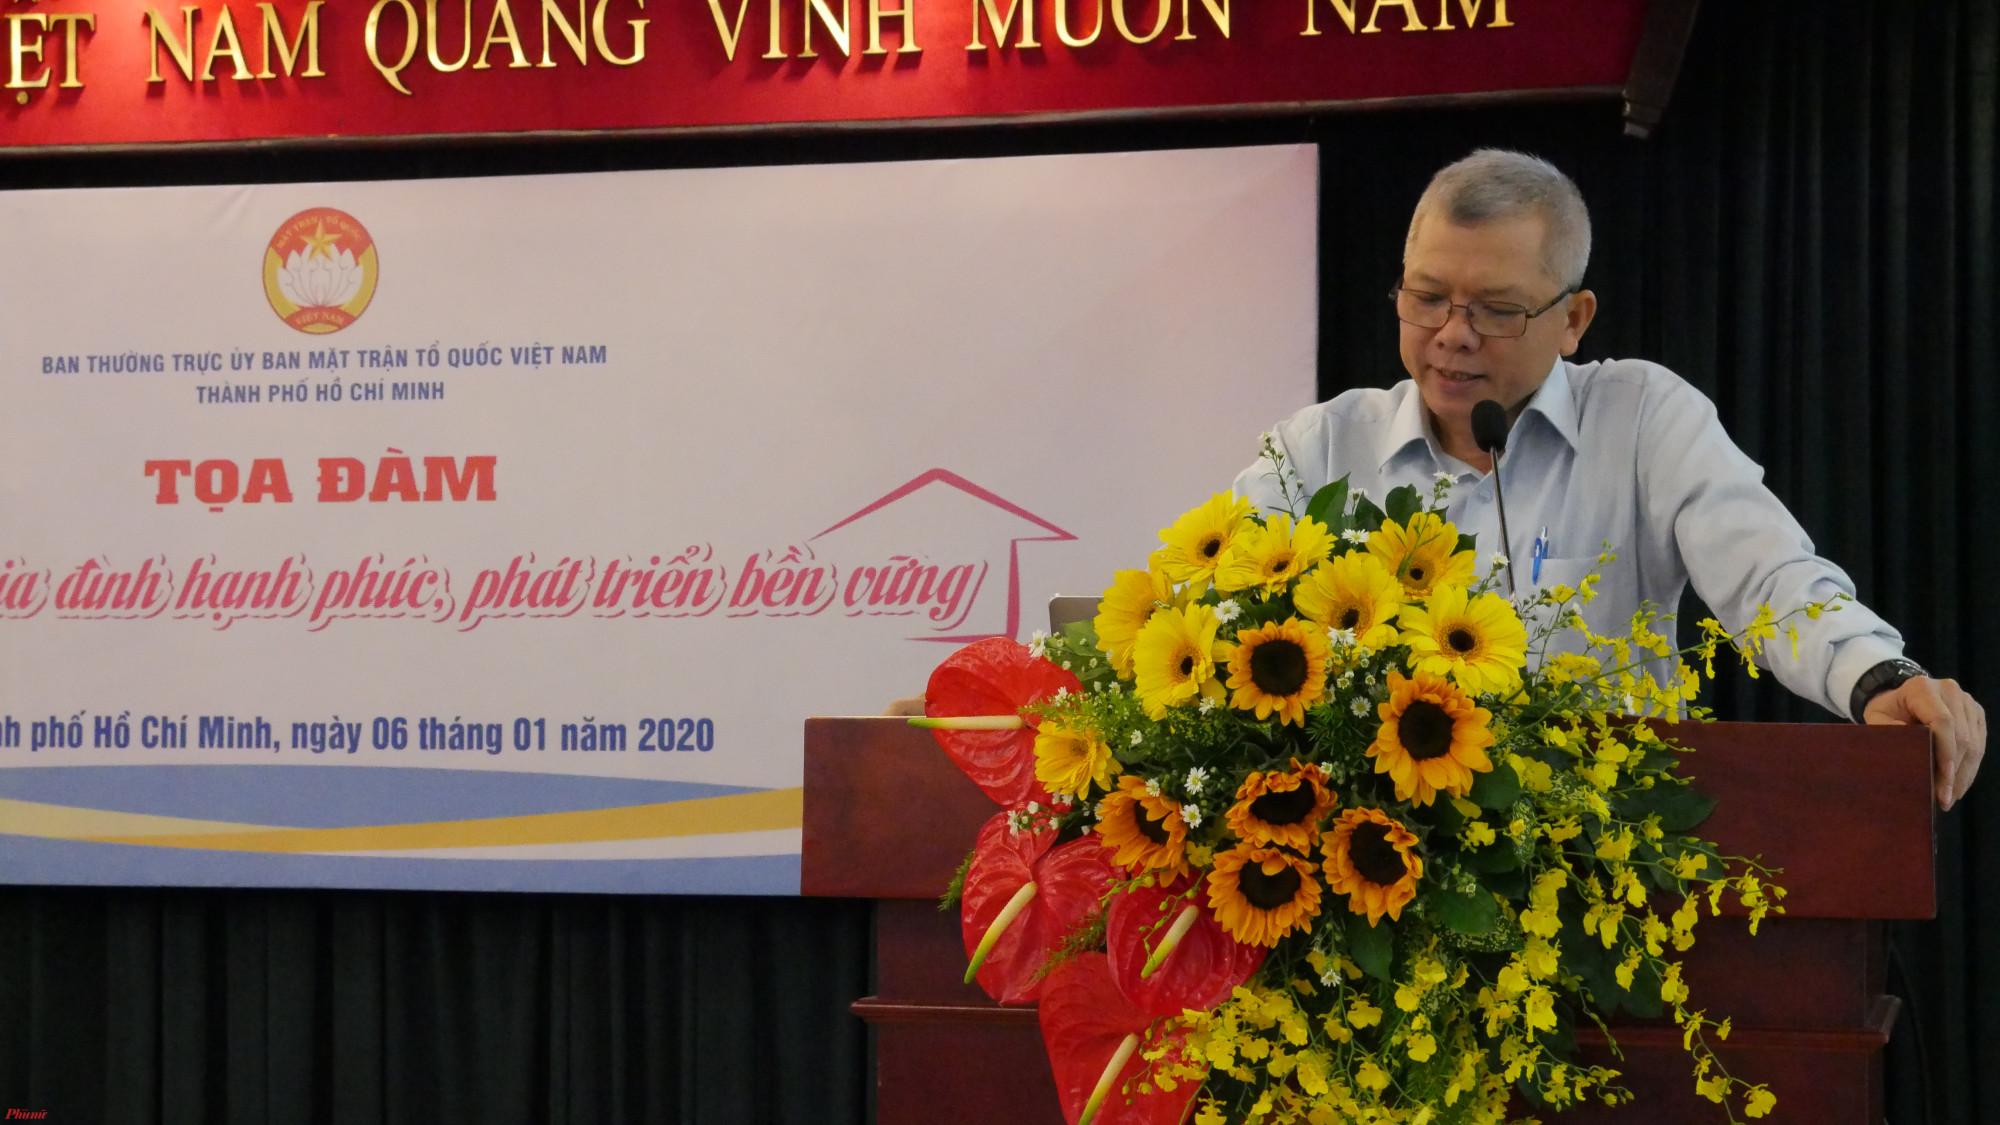 Ông Nguyễn Văn Trình - PGS.TS – Phó Viện trưởng Viện nghiên cứu phát triển TP.HCM : Việc tổ chức gia đình và giáo dục tốt sẽ tác động lớn đến việc hình thành nhân cách của trẻ